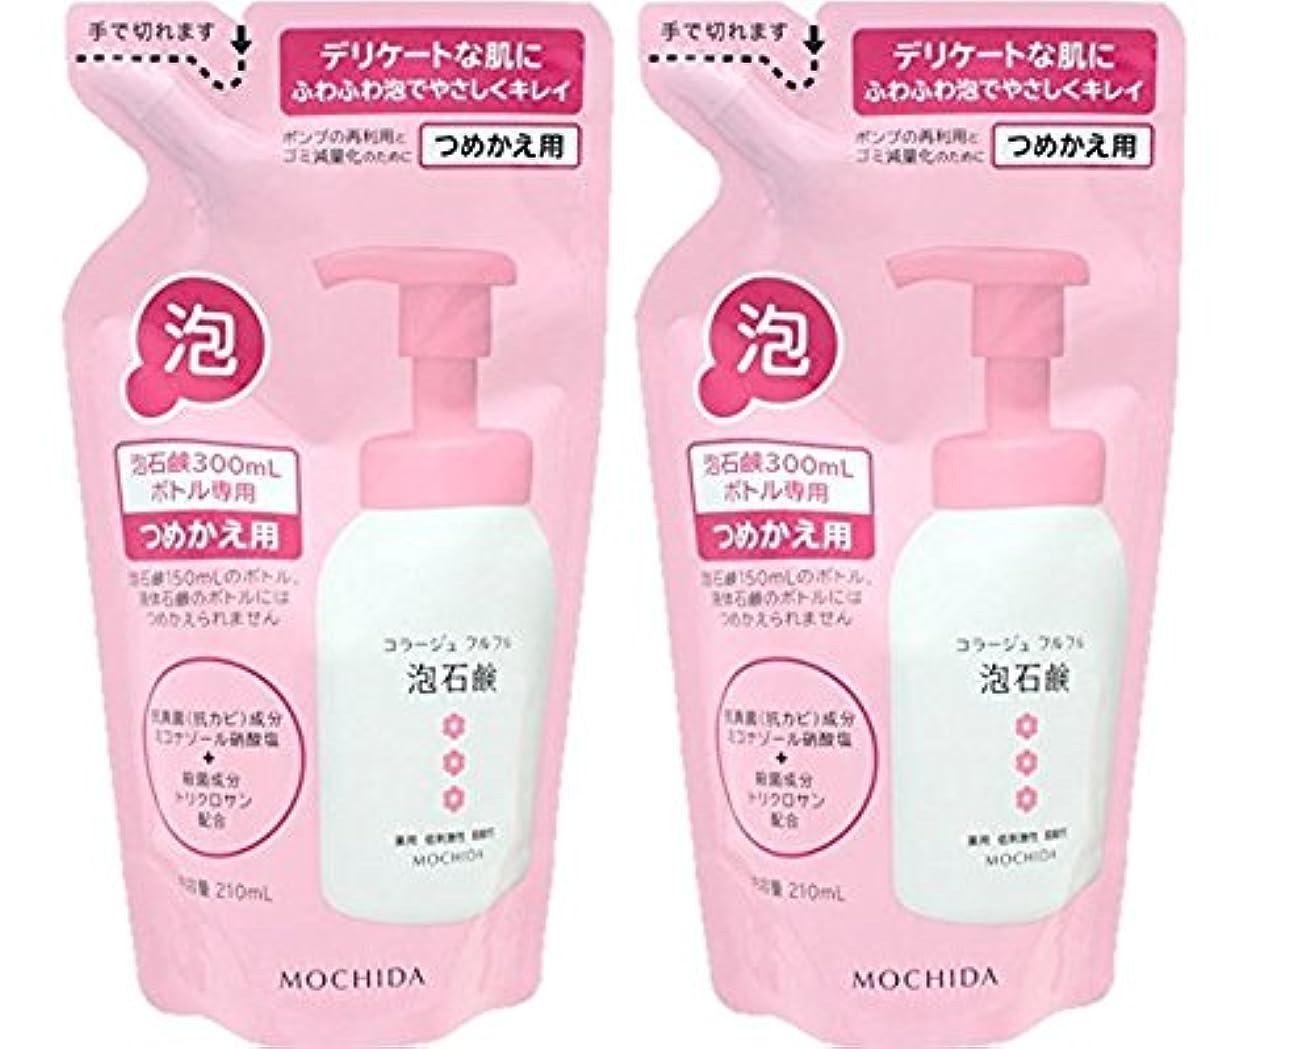 弱点オーストラリア人まともなコラージュフルフル 泡石鹸 ピンク つめかえ用 210mL (医薬部外品)×2